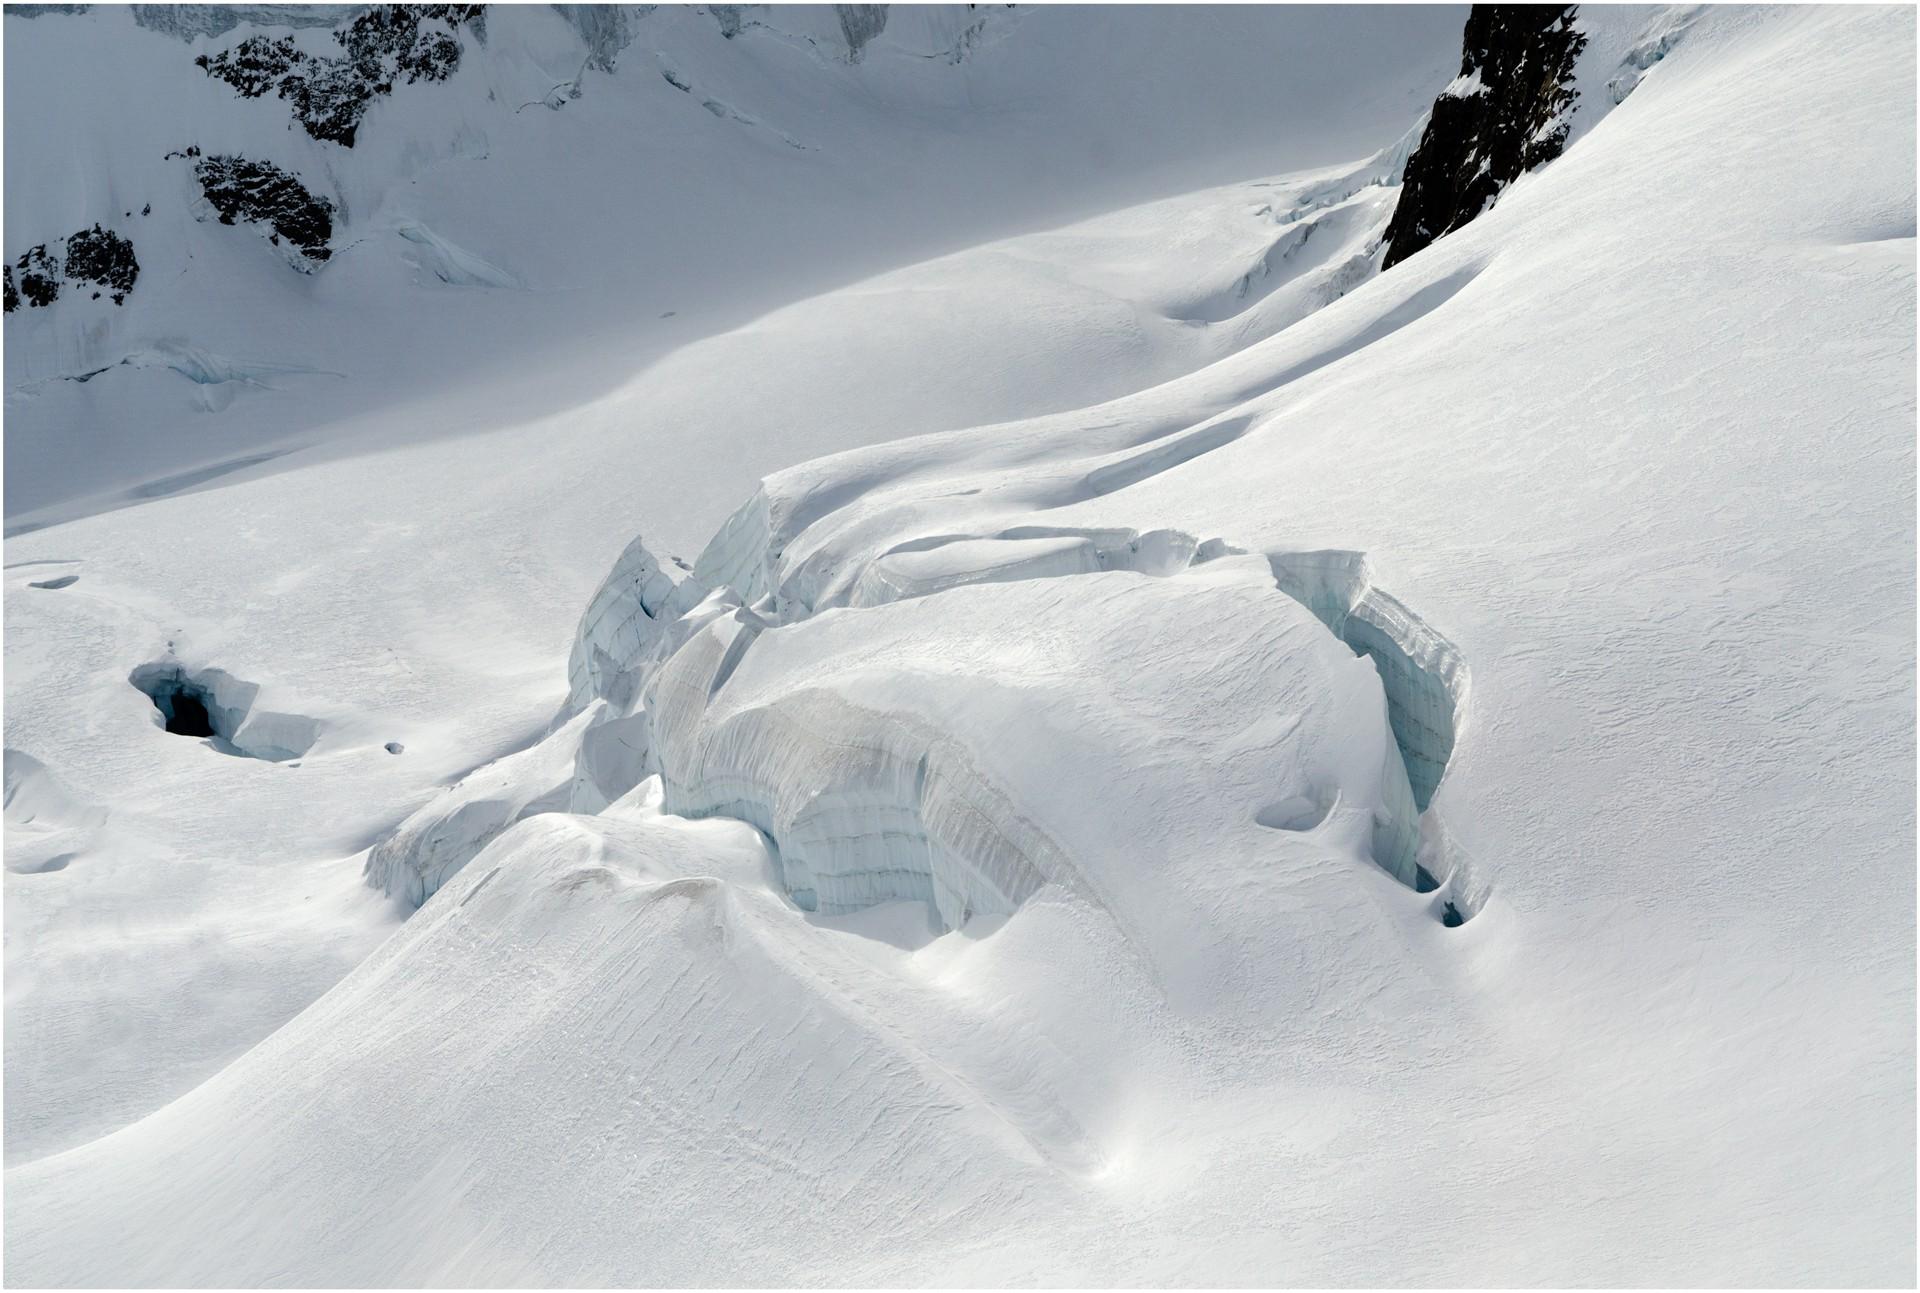 anwa sneeuwstructuur